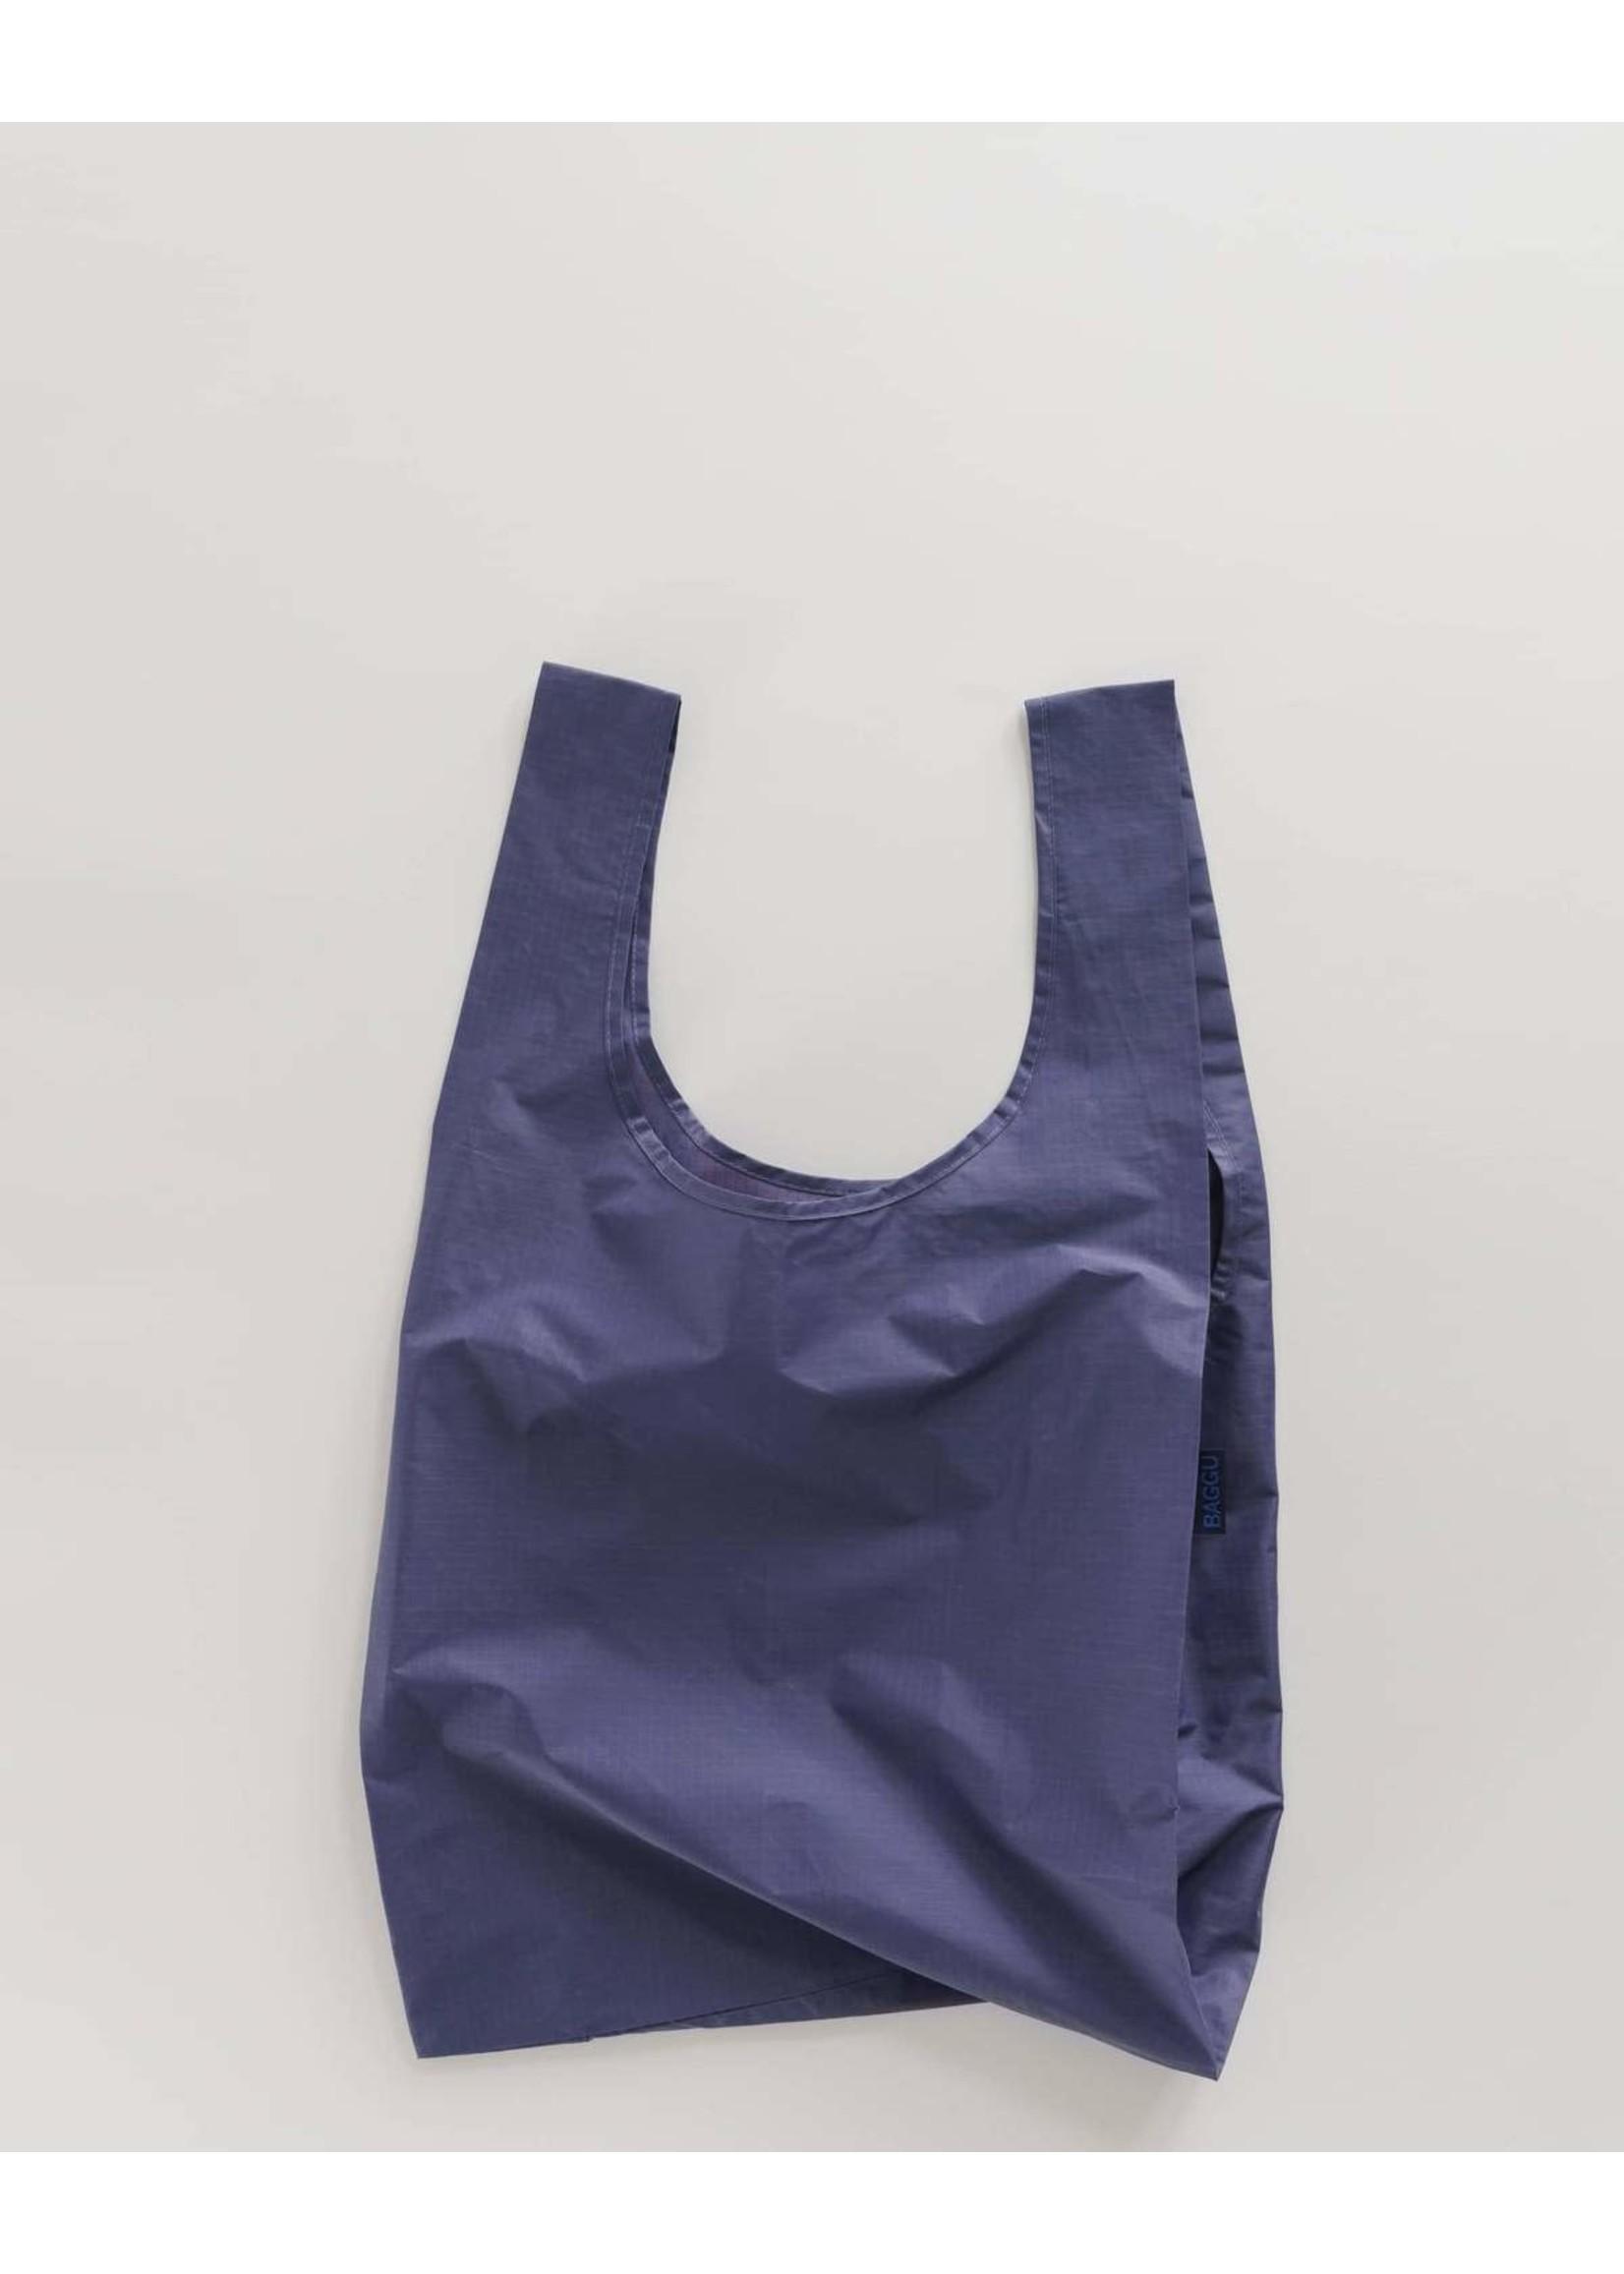 Baggu Baggu Standard Reusable Bag - Ink